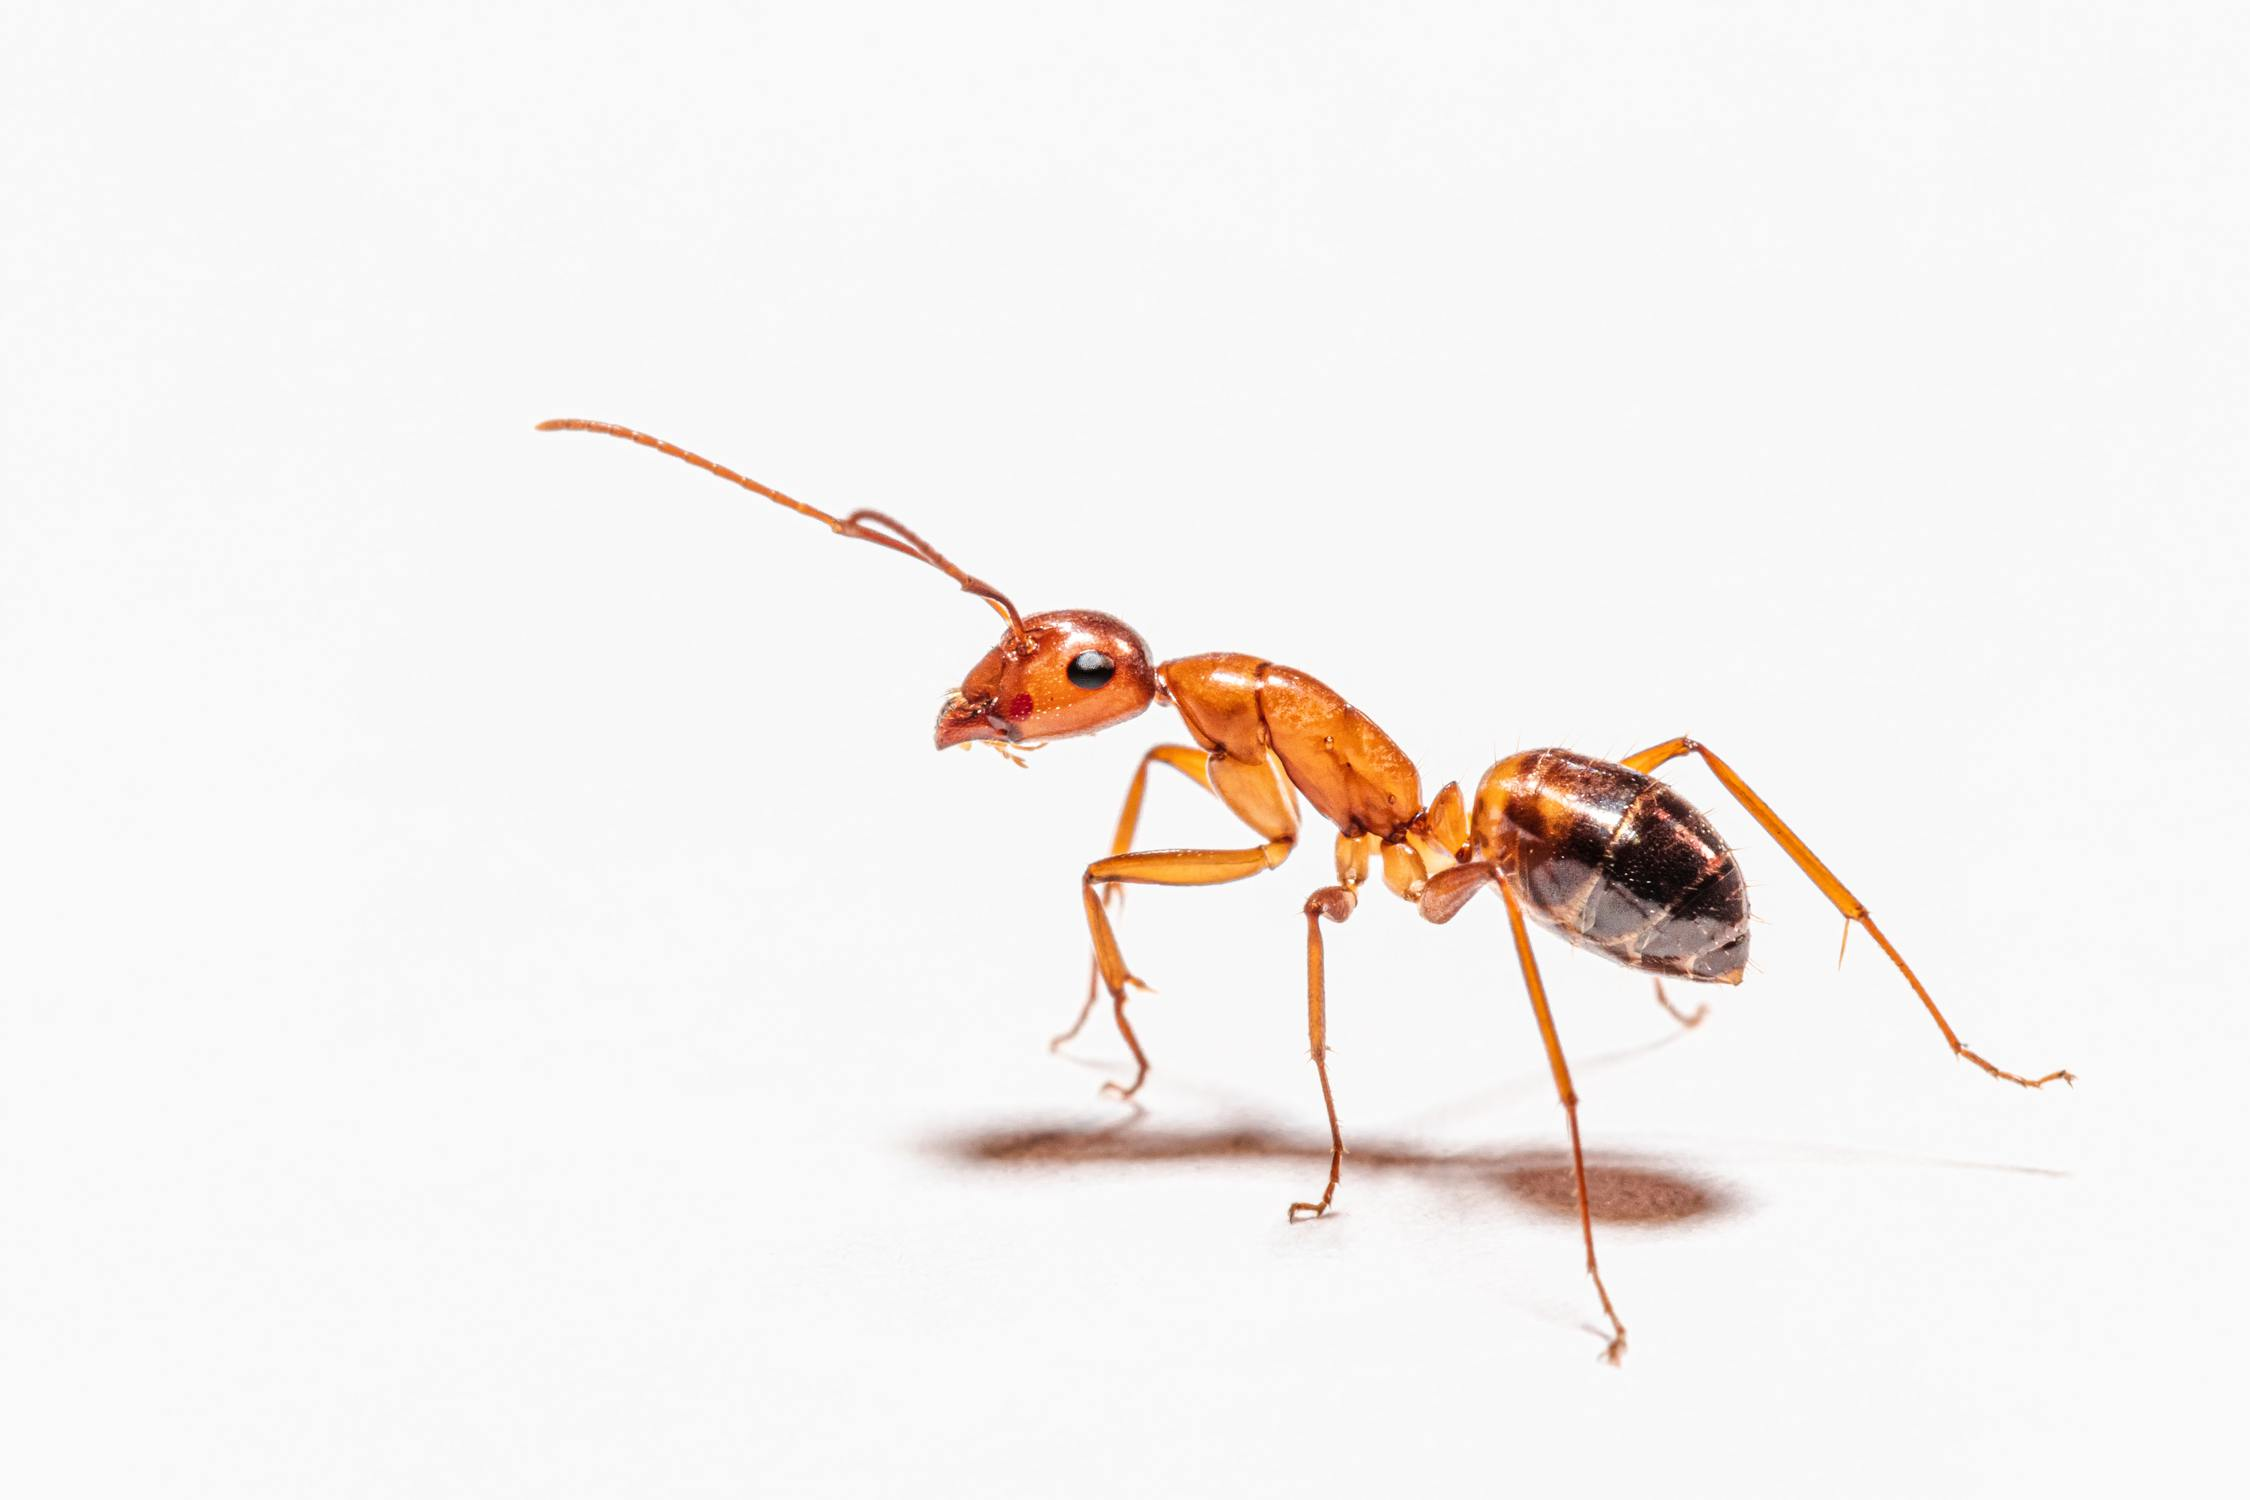 Das Verhältnis der Querschnittsfläche der Muskeln zum Volumen der Ameise, macht diese stark.